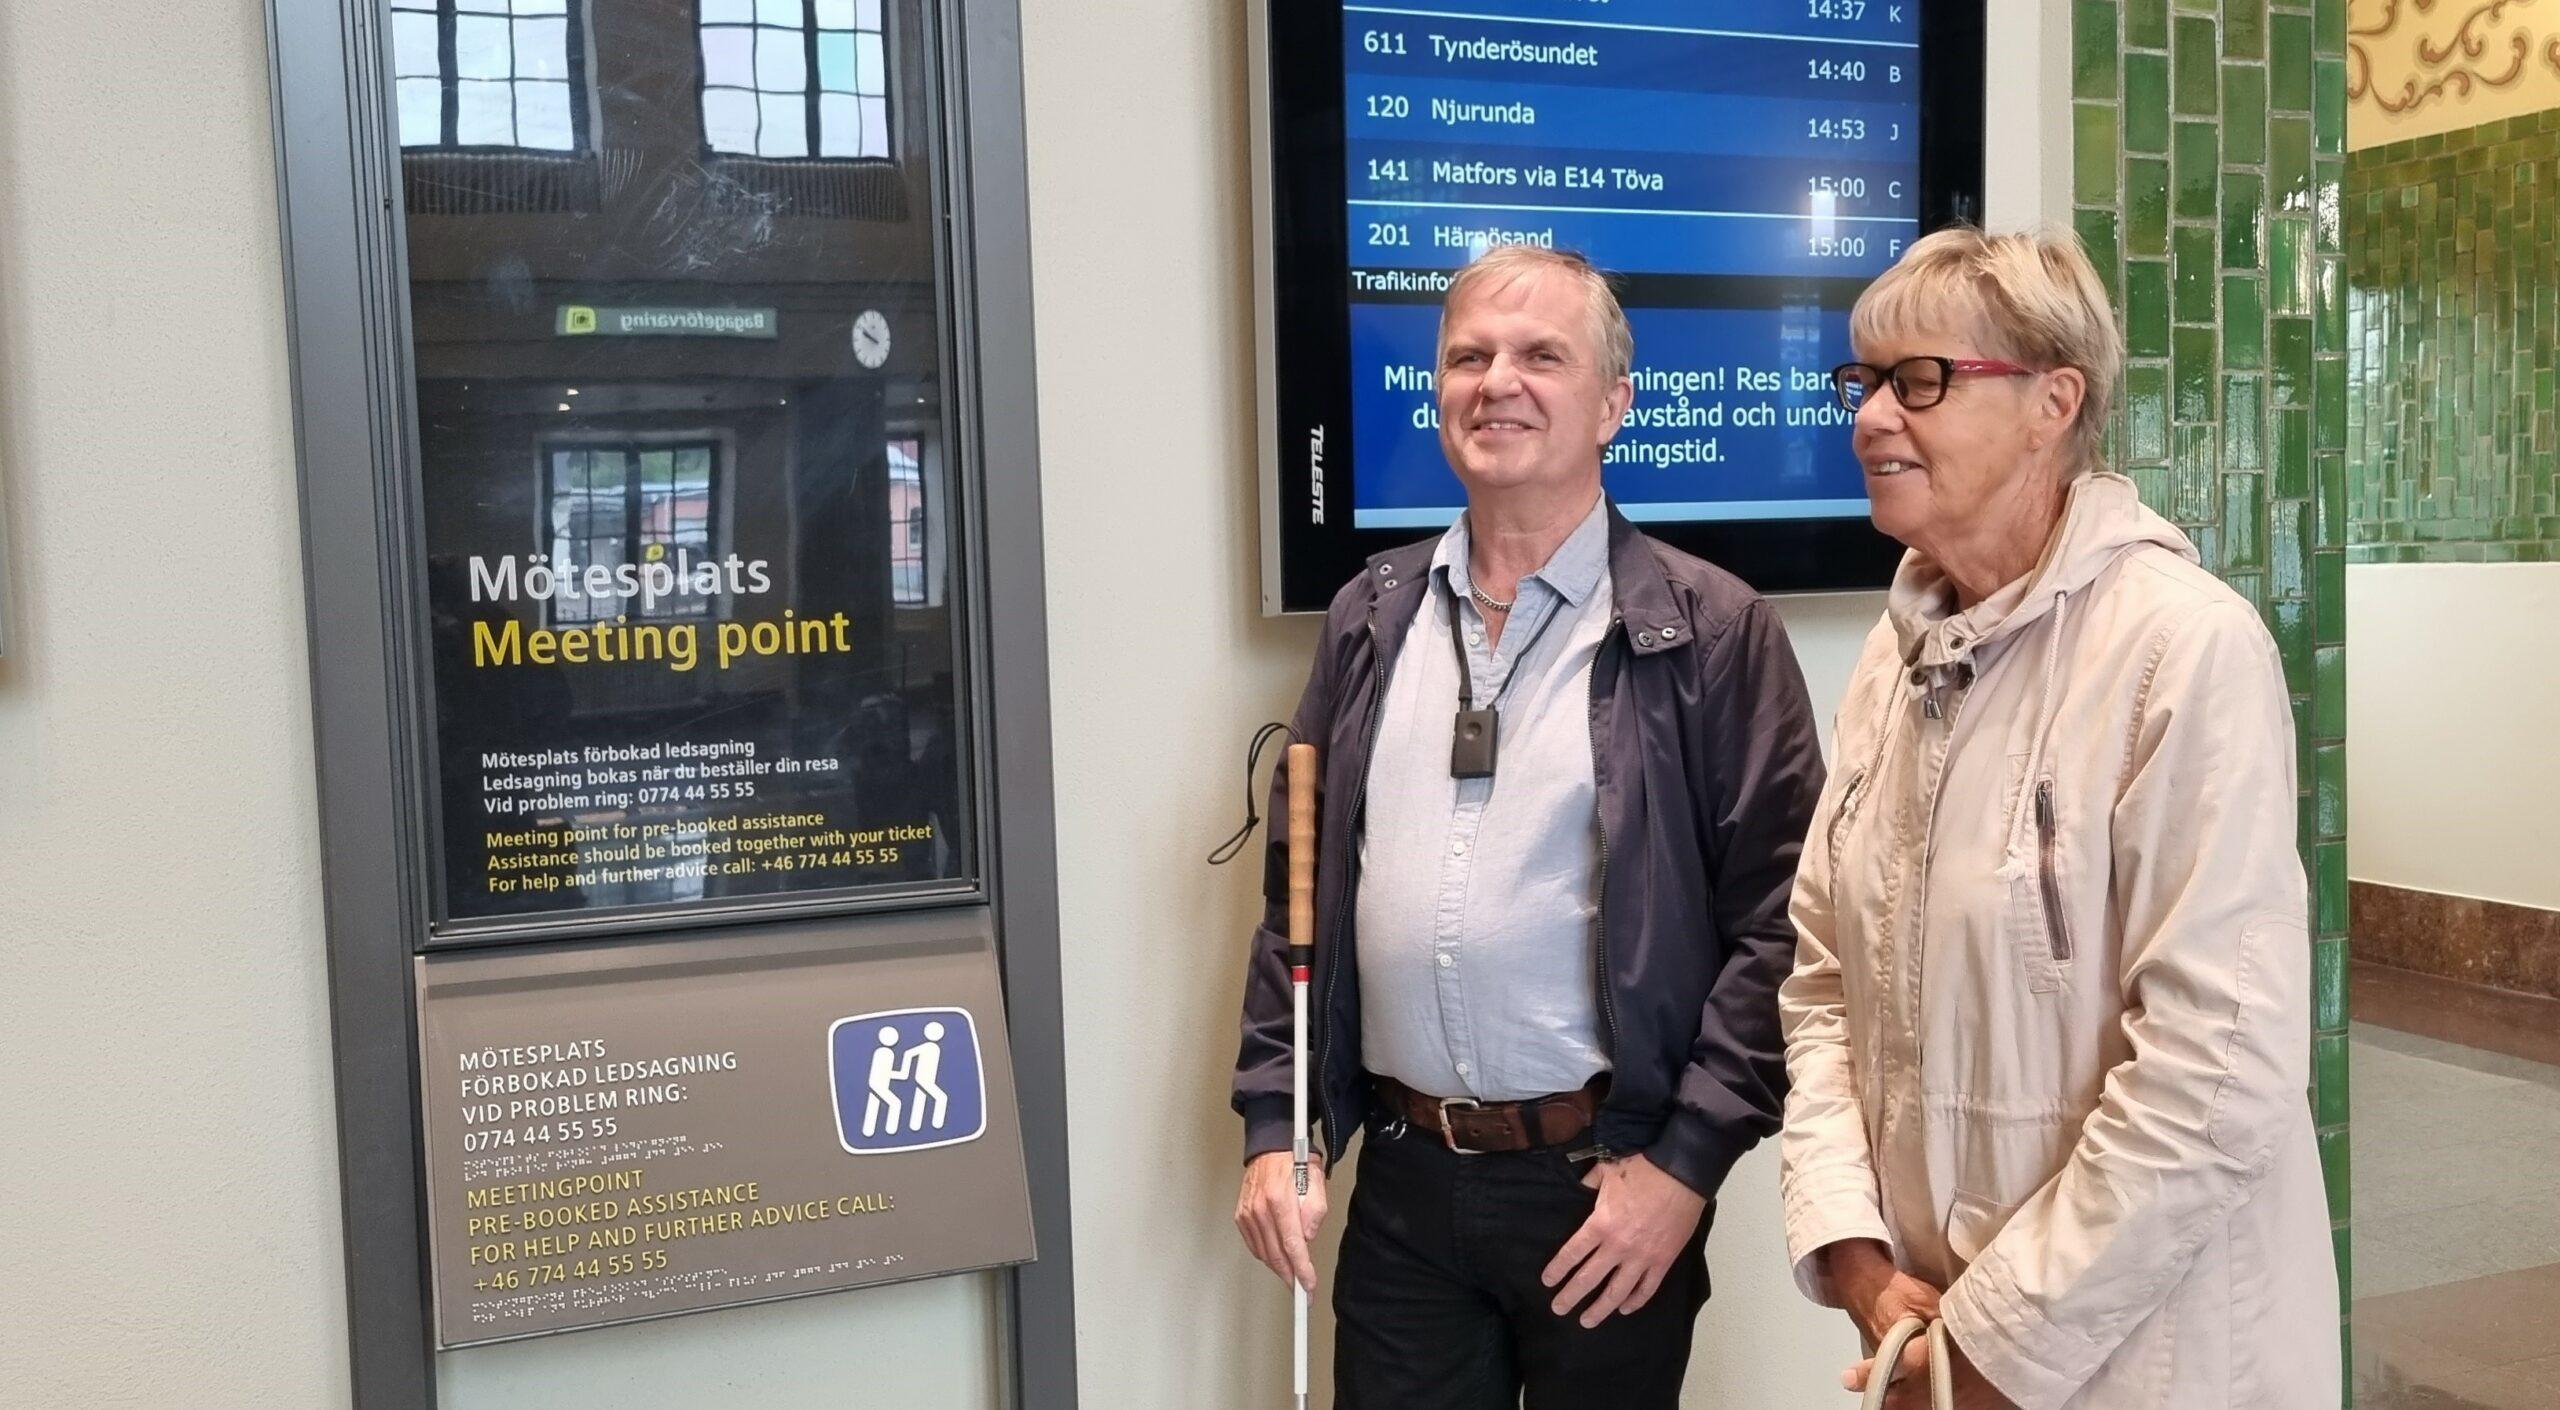 Leif och Marie-Louise framför tavlan vid Mötesplatsen inne i centralstationsbyggnaden